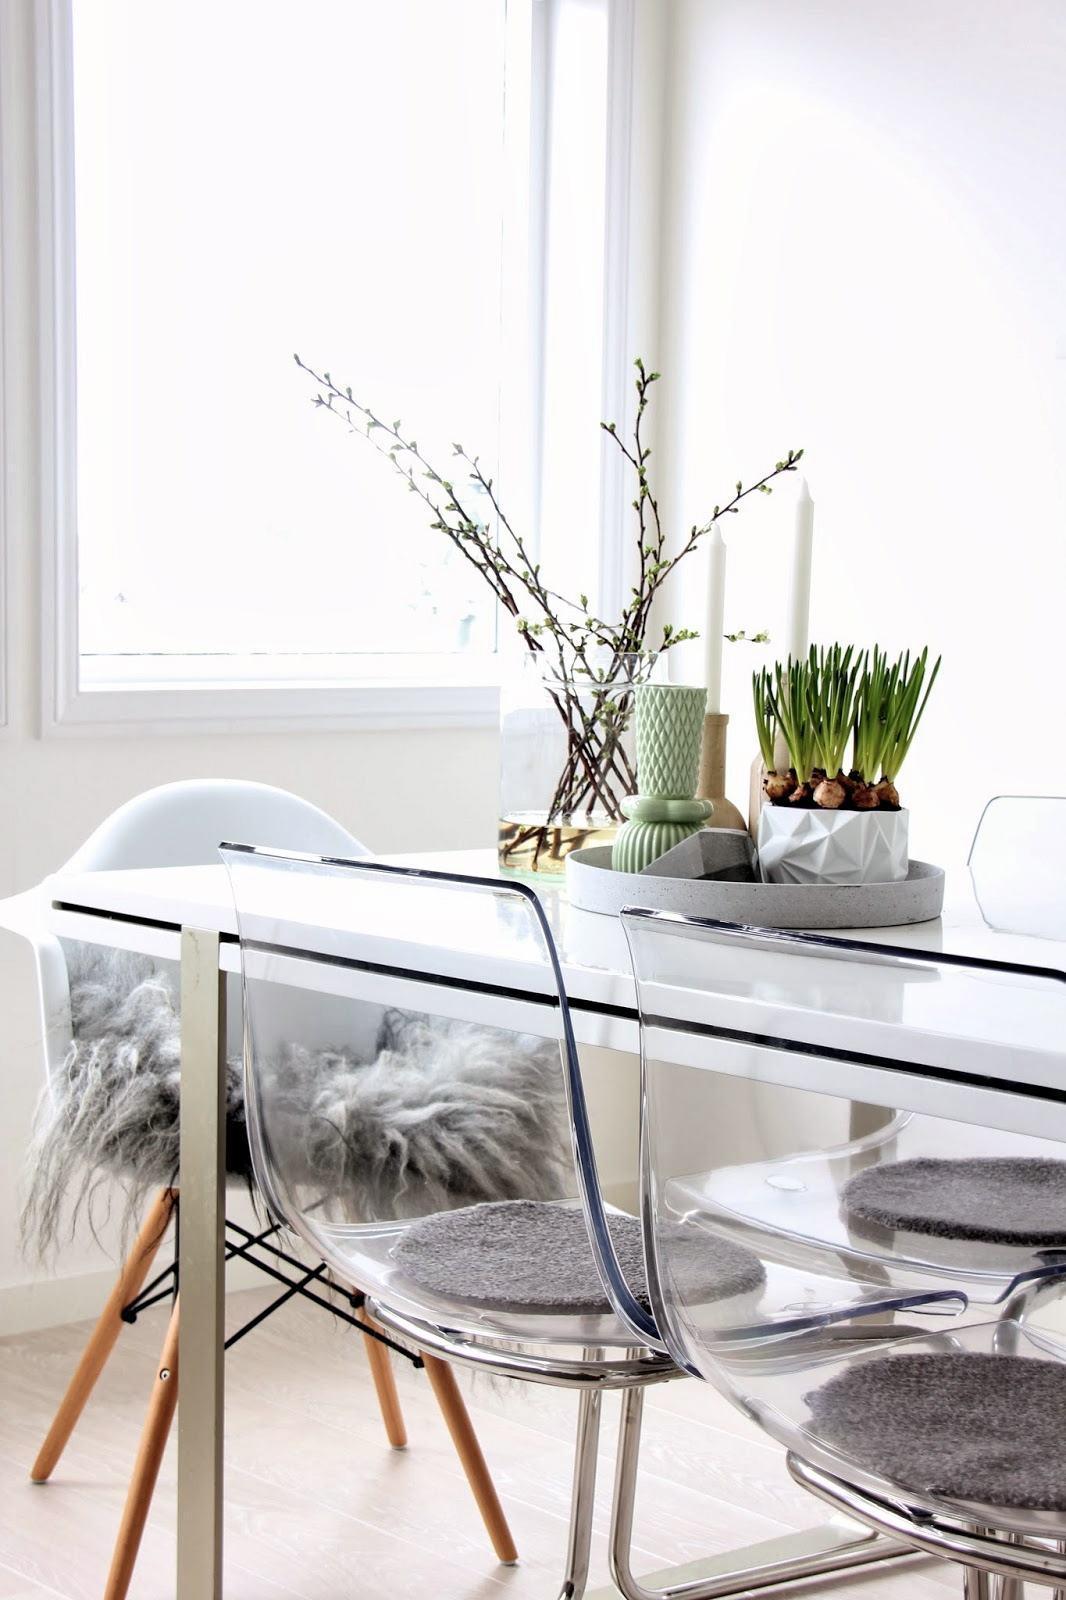 Cadeira Charles Eames 60 Ambientes Decorados com Fotos